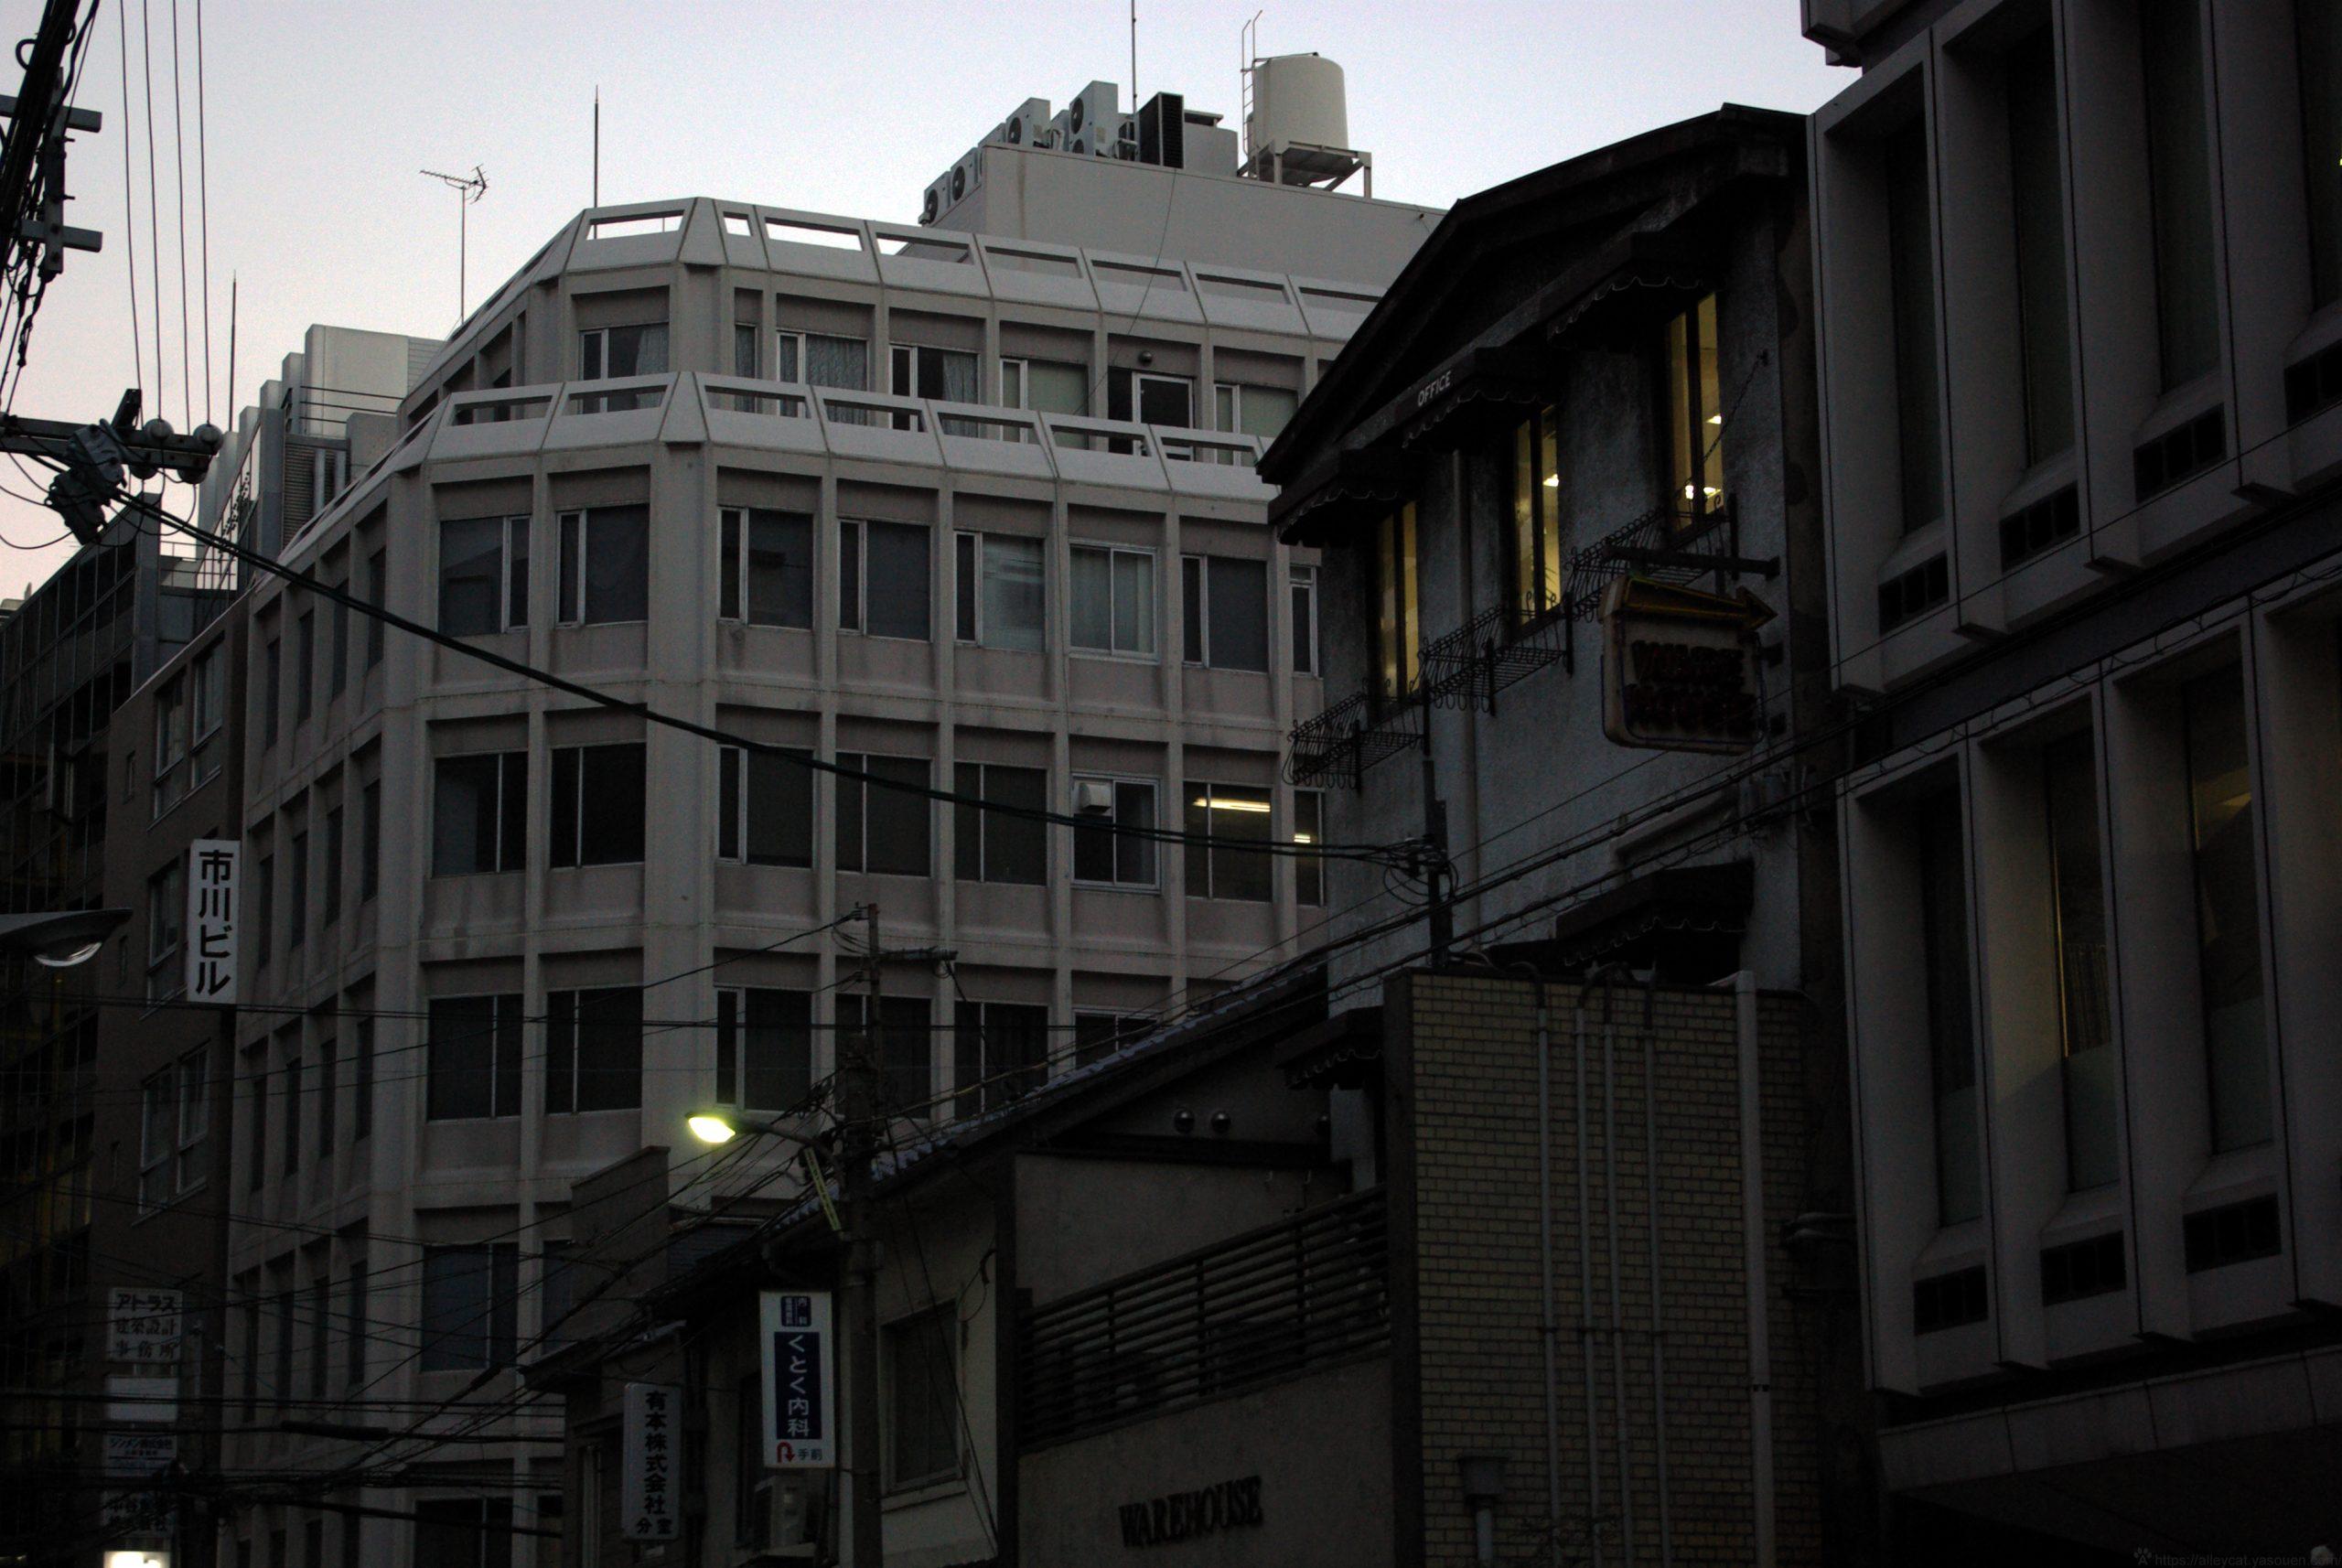 Osaka, Japan, 2014